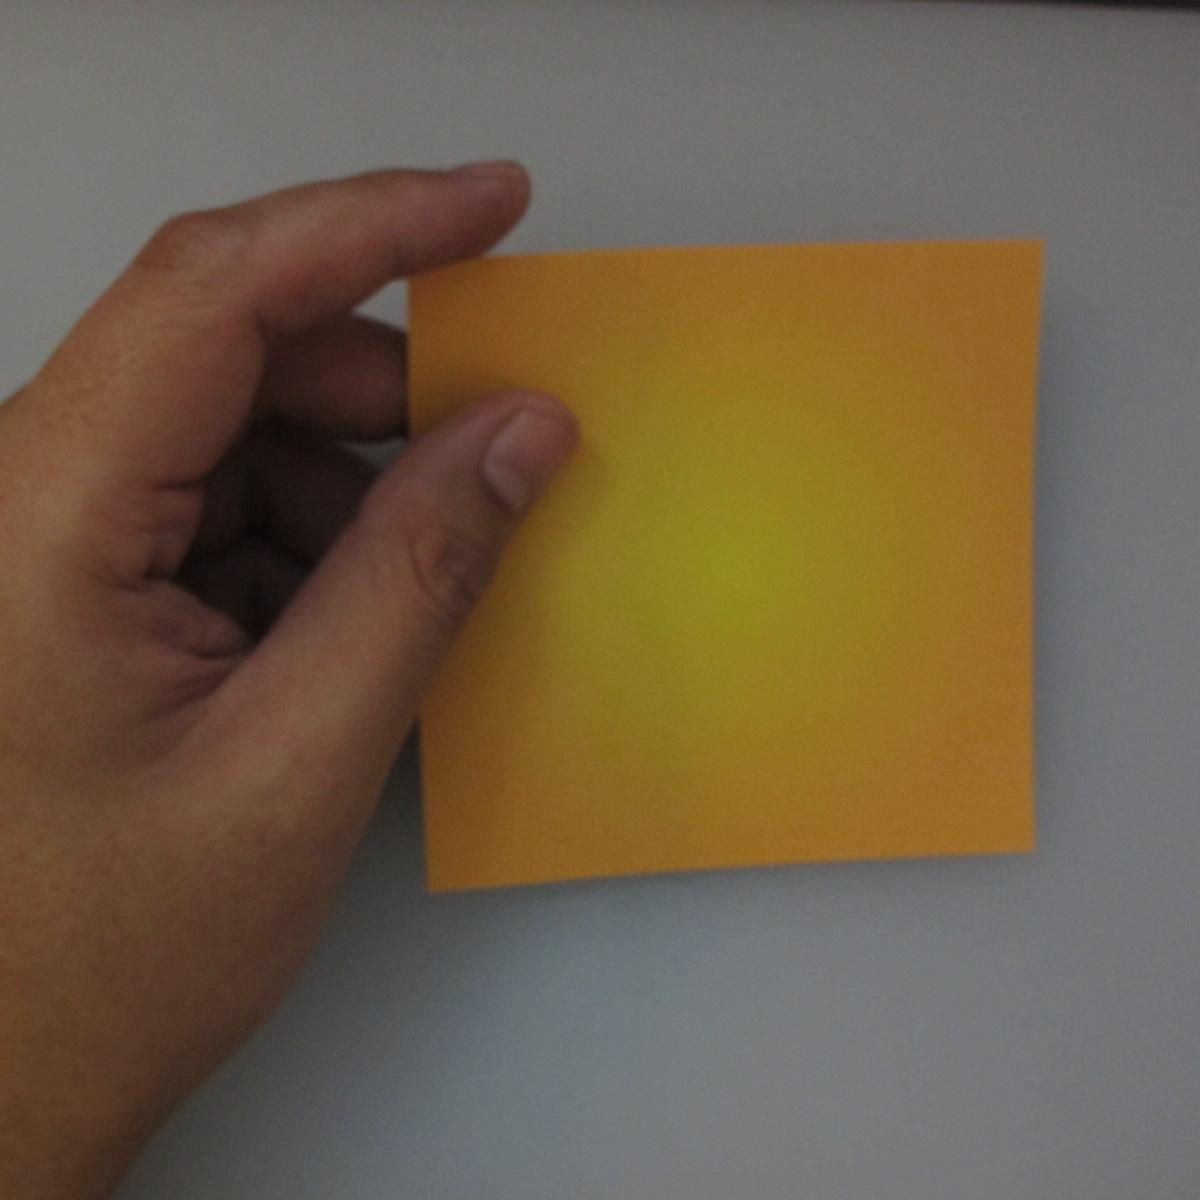 วิธีพับกระดาษเป็นดอกทิวลิป 001